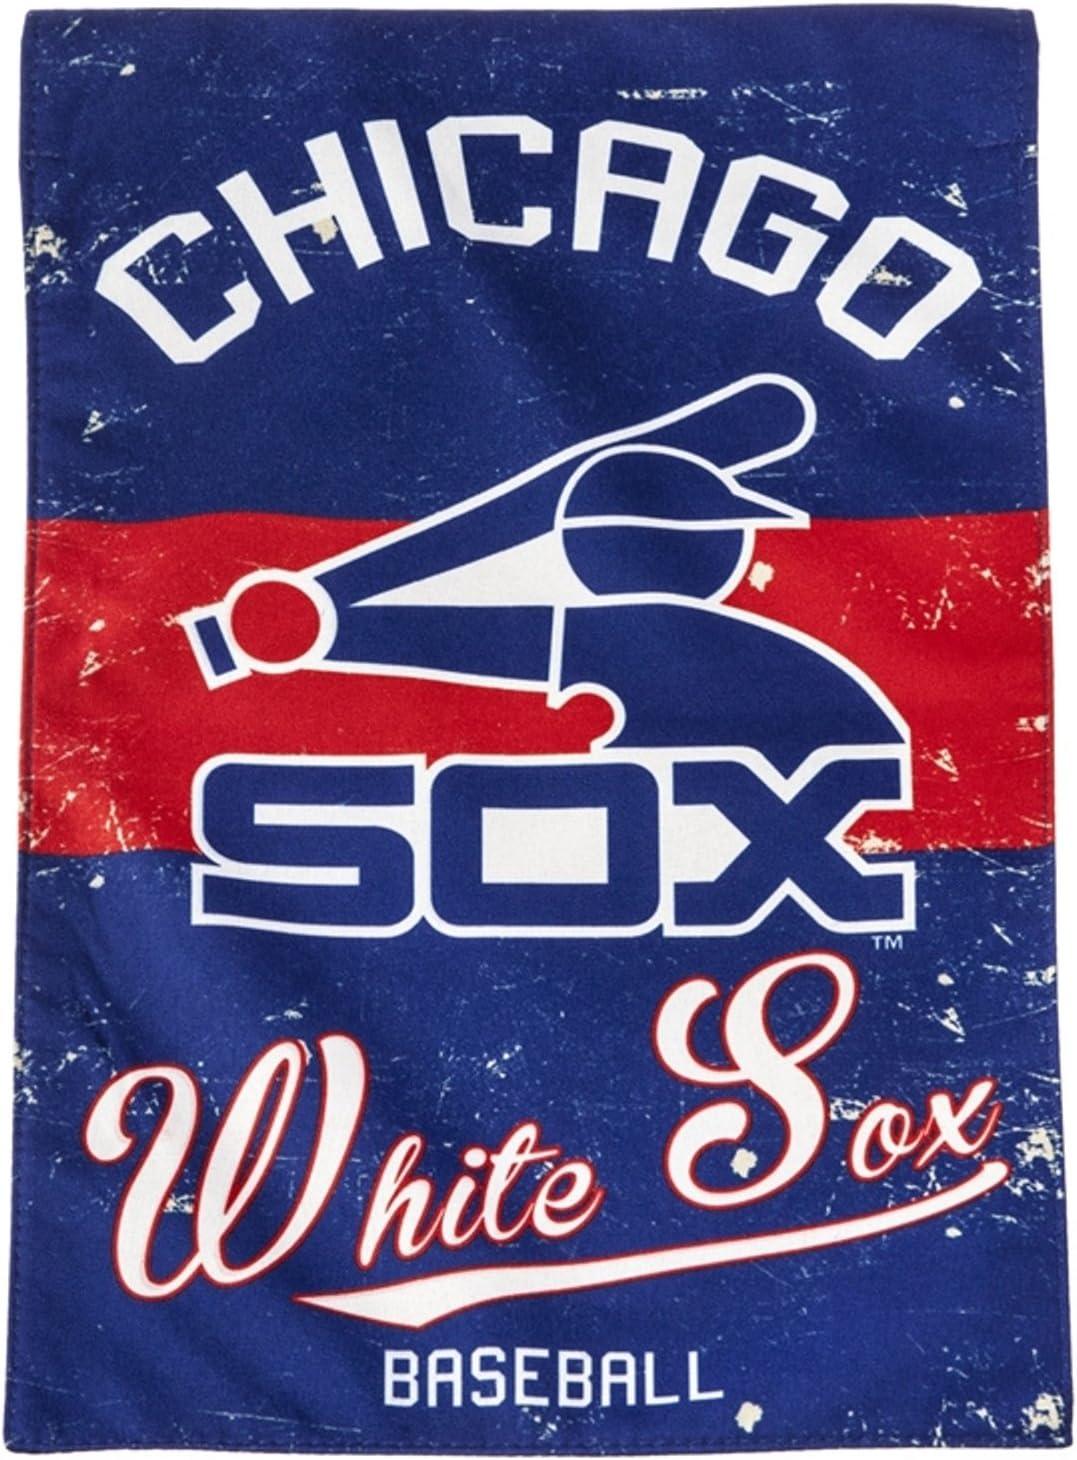 Stockdale Chicago White Sox EG Vintage Garden Flag Premium 2-Sided Retro Banner Baseball